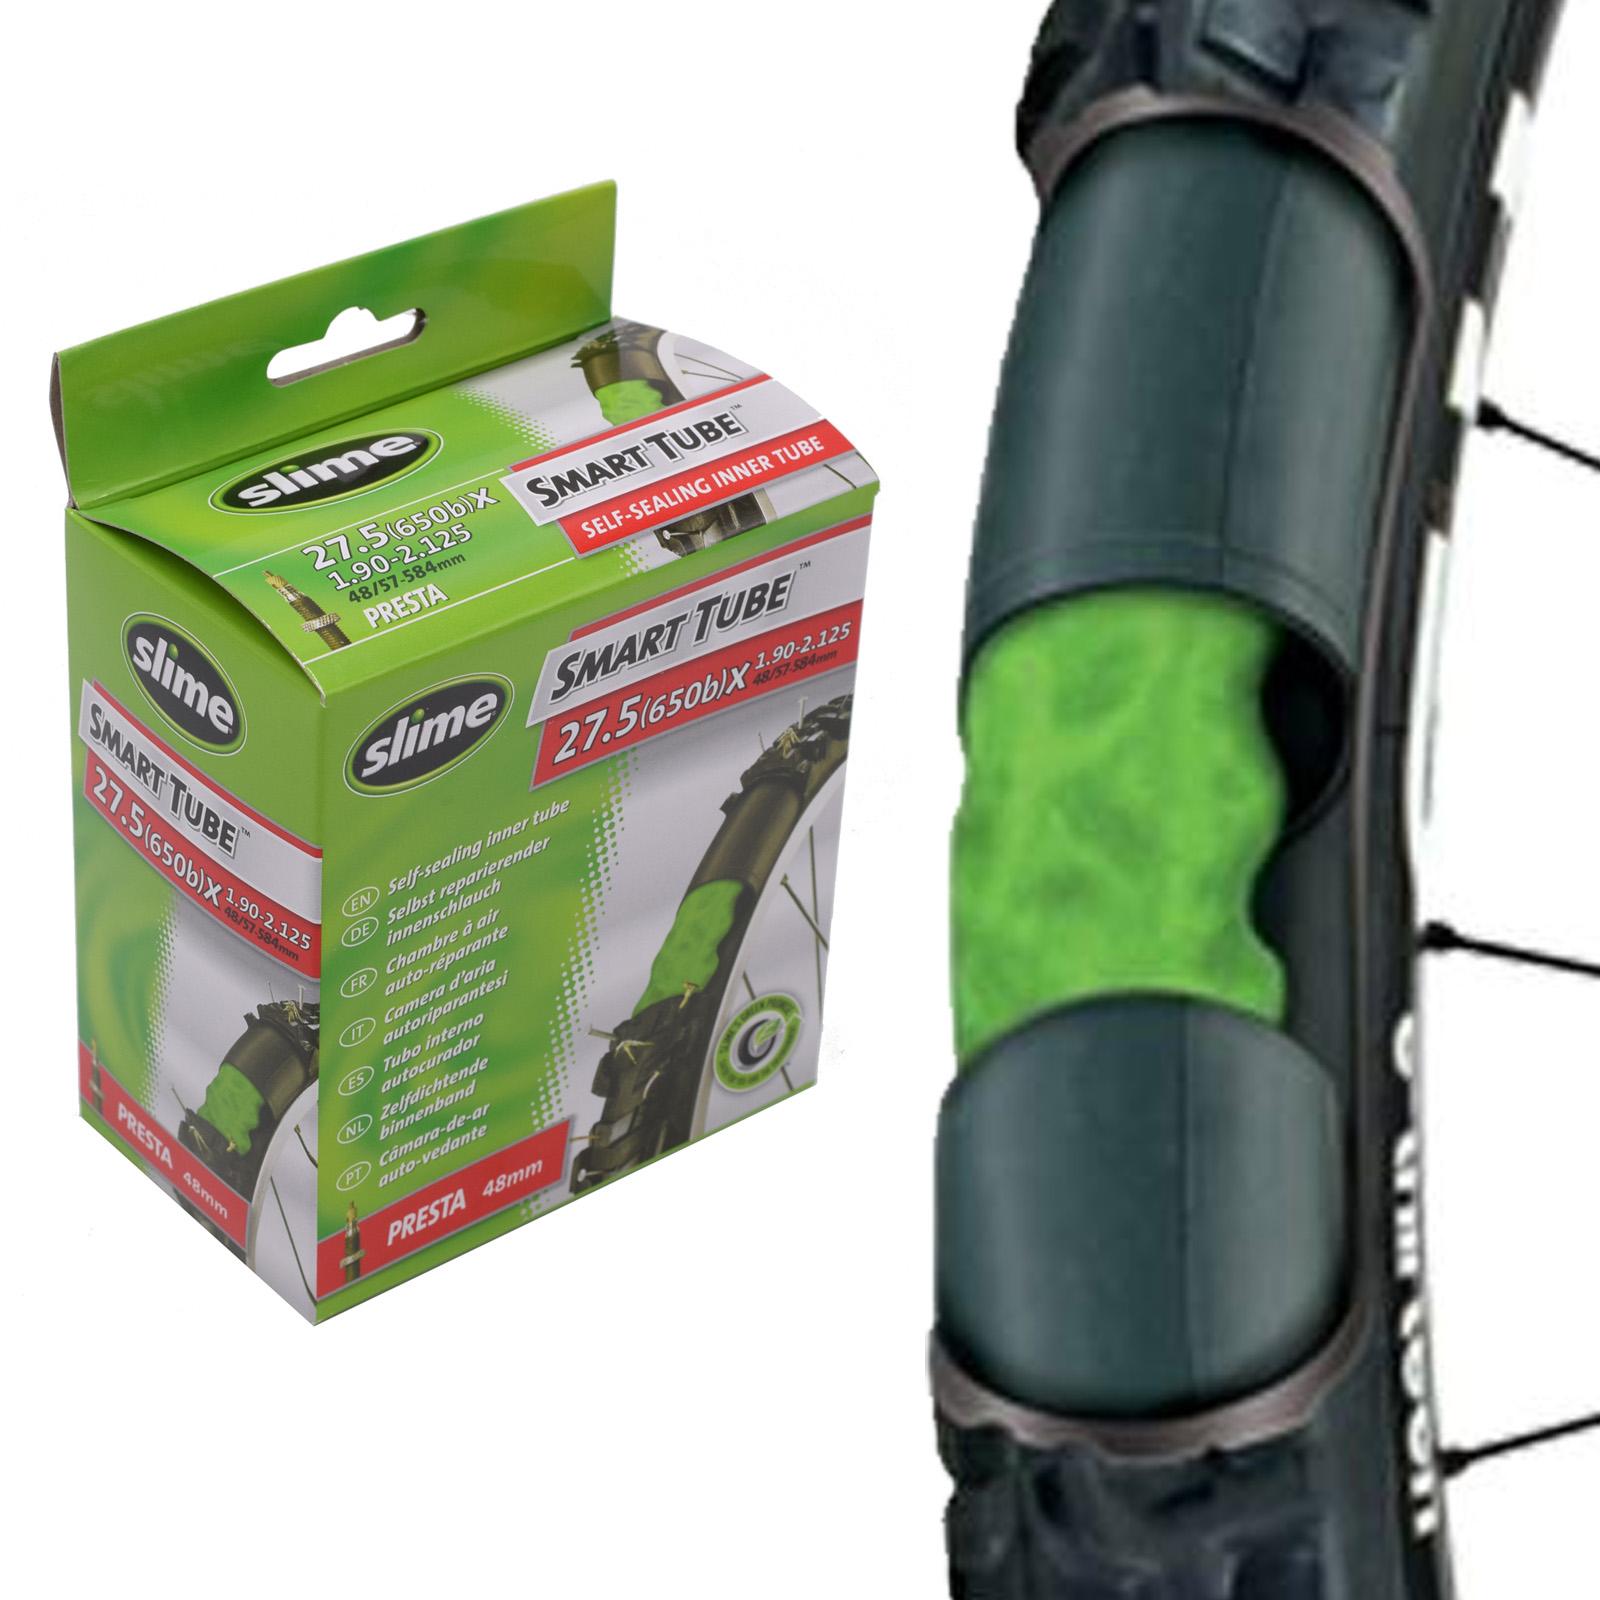 Slime-Smart-Self-Healing-Bike-Inner-Tubes-Presta-amp-Schrader thumbnail 14